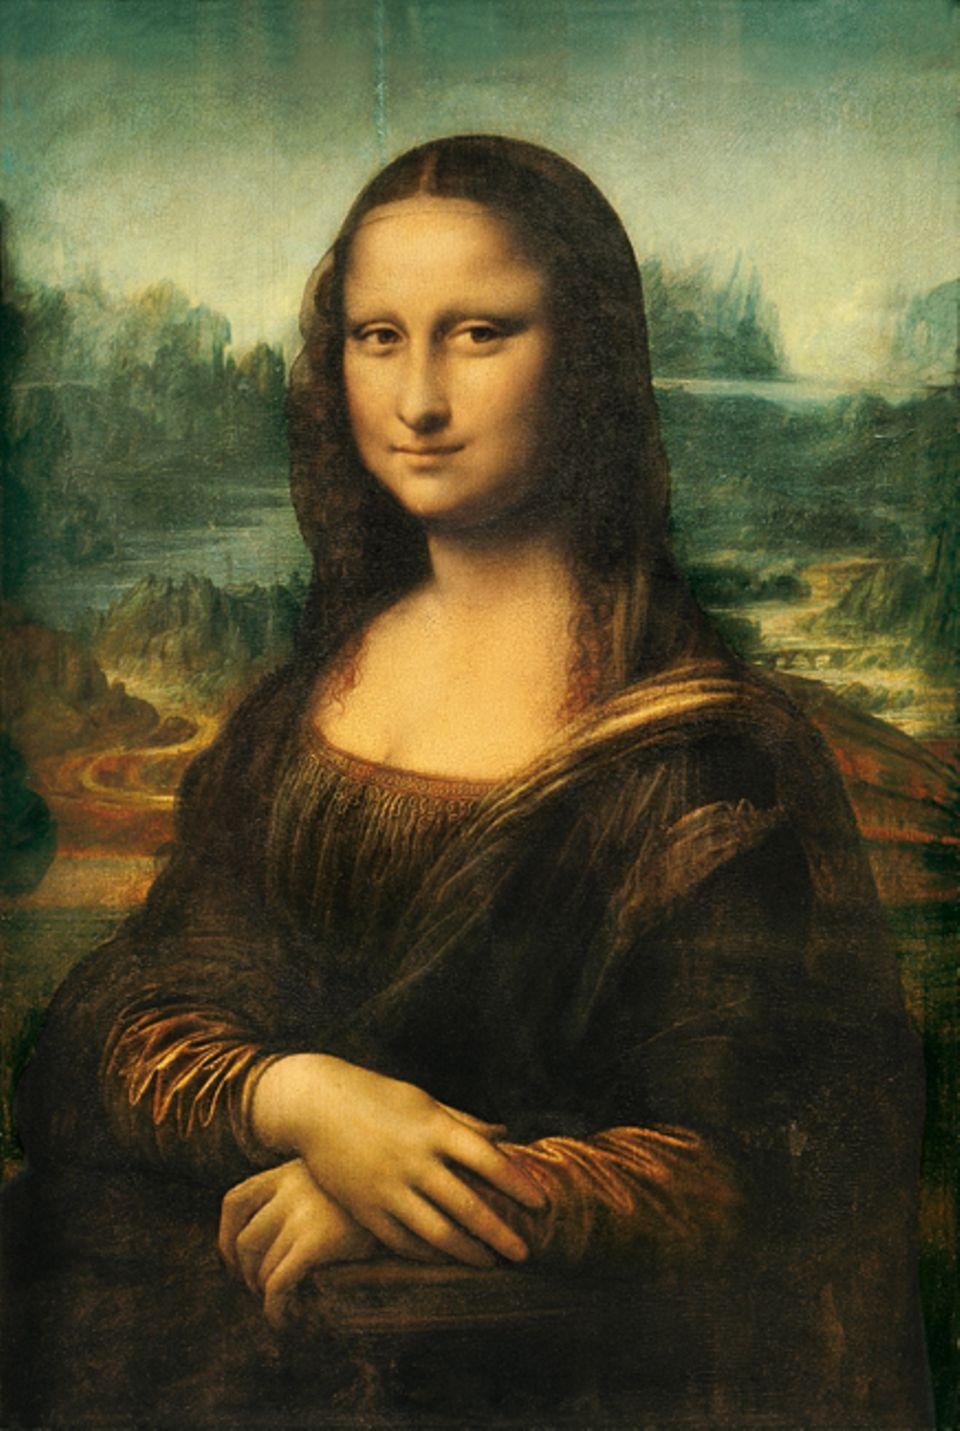 """Renaissance: """"Mona Lisa"""": Für das Porträt der geheimnisvollen Schönheit perfektioniert Leonardo um 1503 eine neue Maltechnik: Er trägt stark verdünnte Ölfarben in zum Teil Dutzenden von Schichten auf, was die Konturen leicht verschwommen und die Dargestellte ein wenig entrückt wirken lässt"""